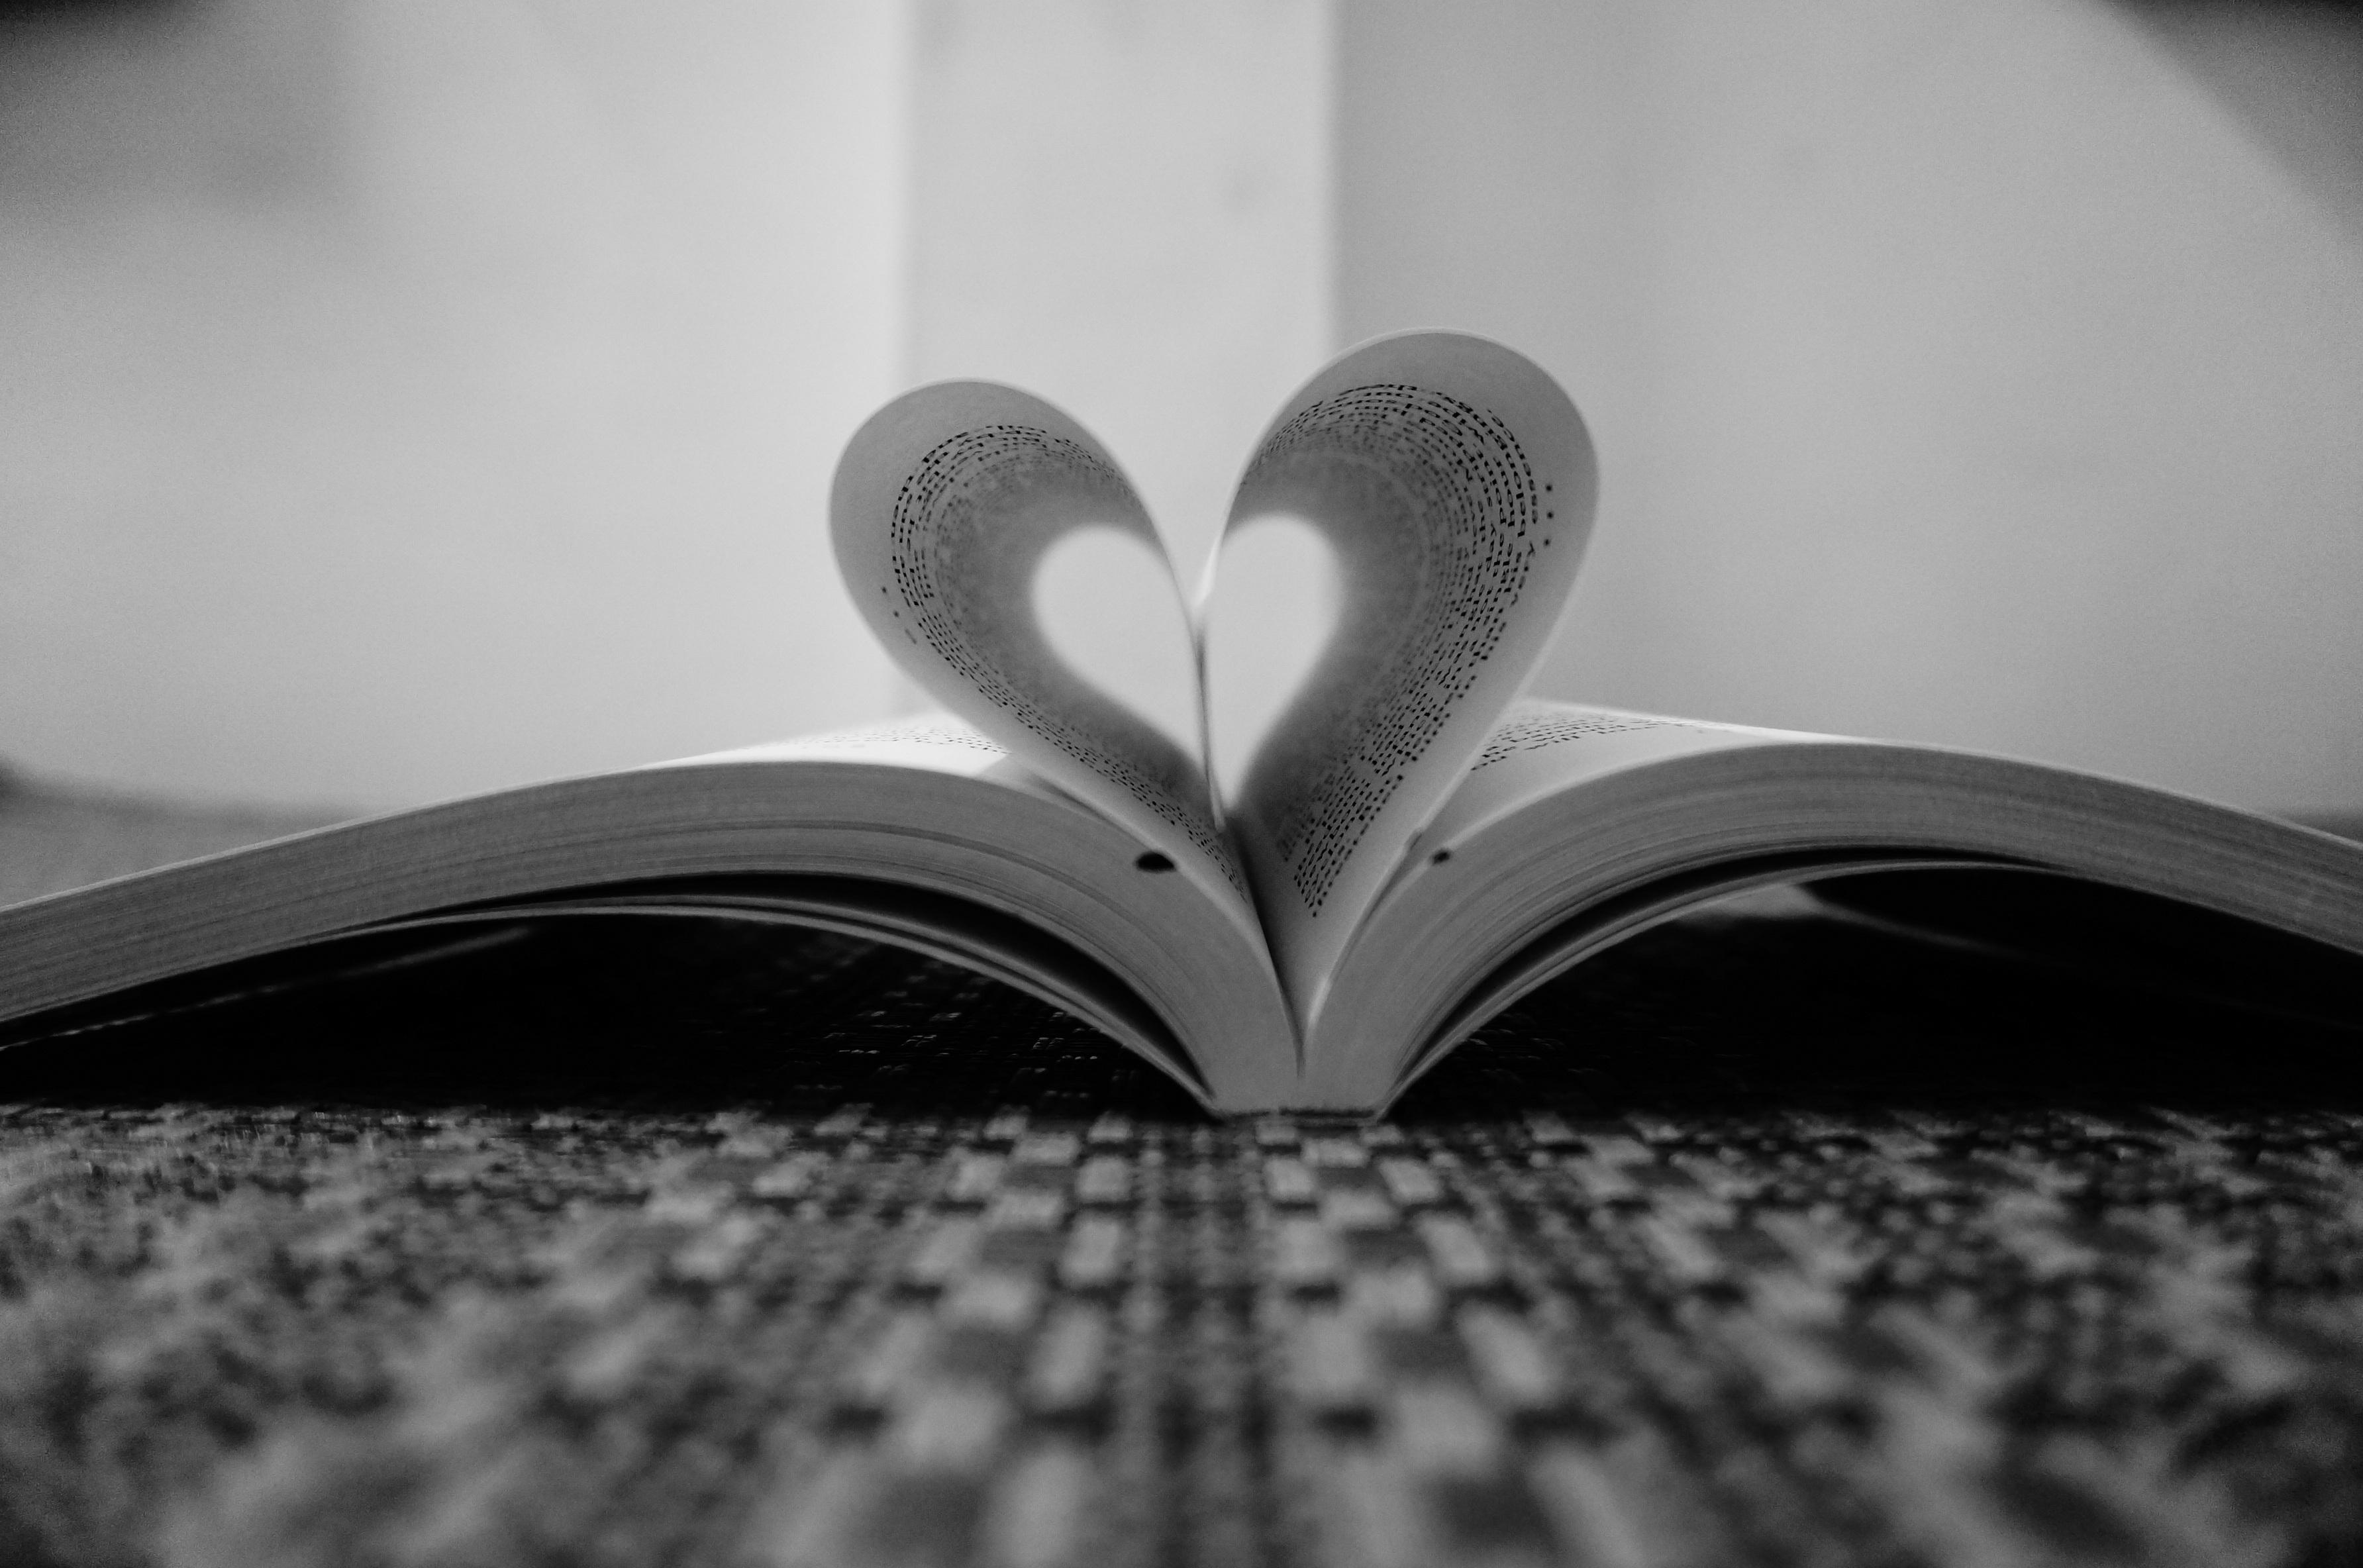 Fotos gratis : libro, ala, ligero, en blanco y negro, fotografía ...